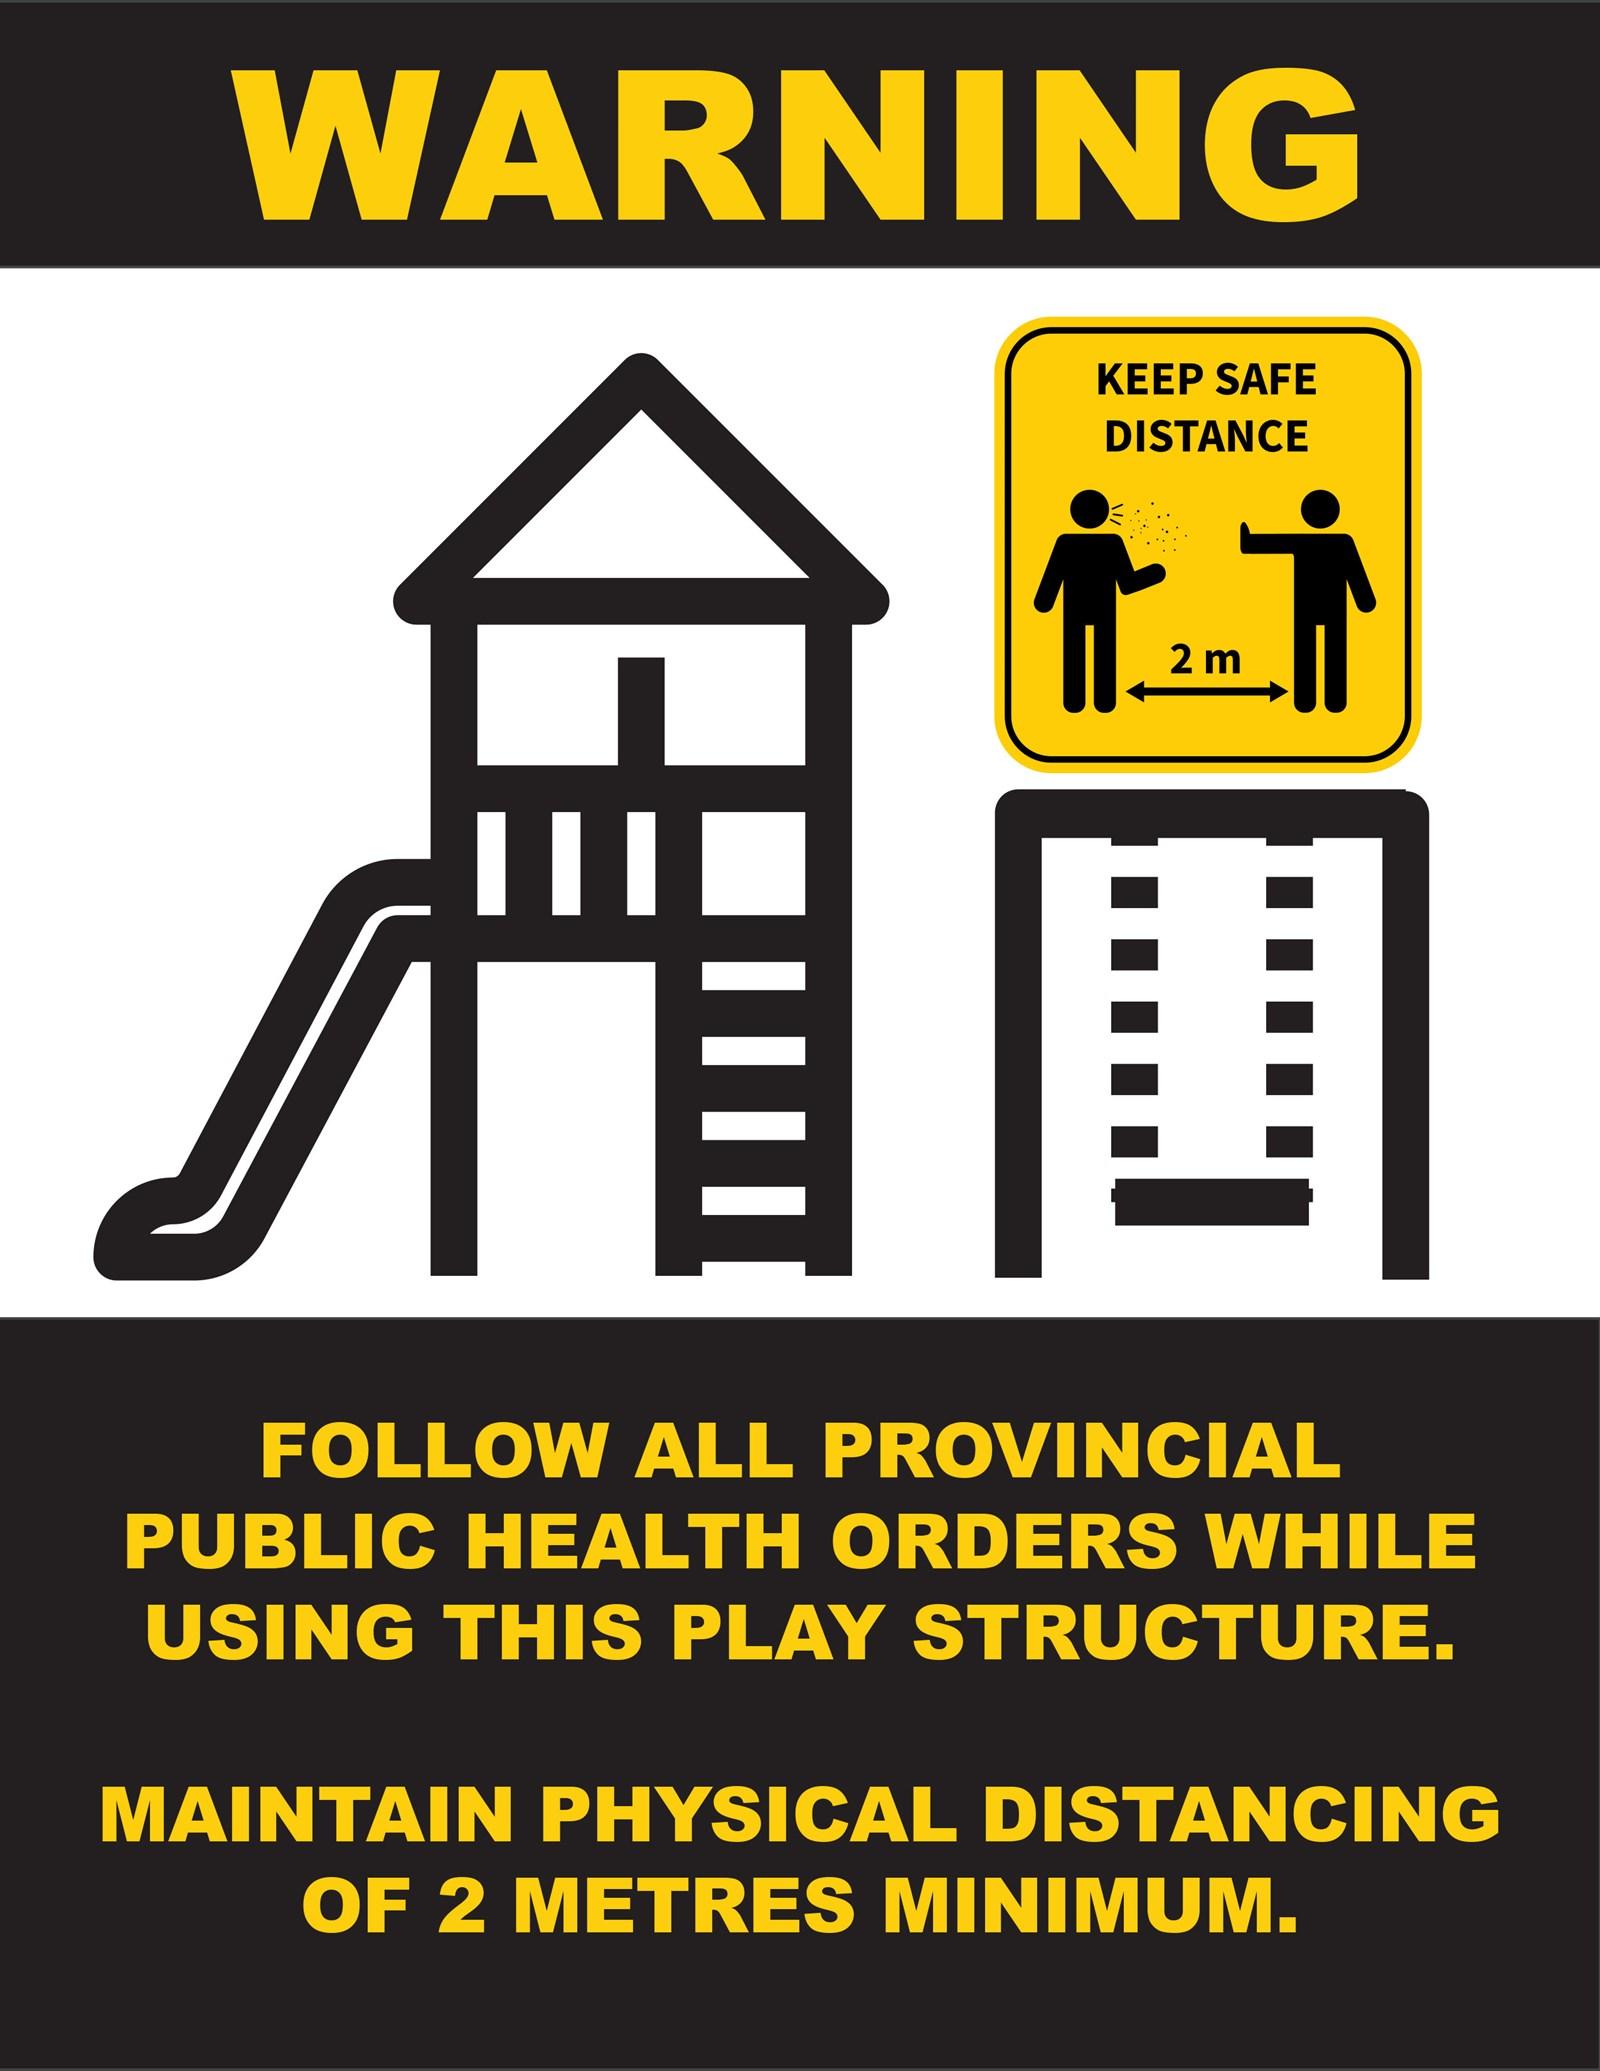 WSD Playgrounds Warning.jpg